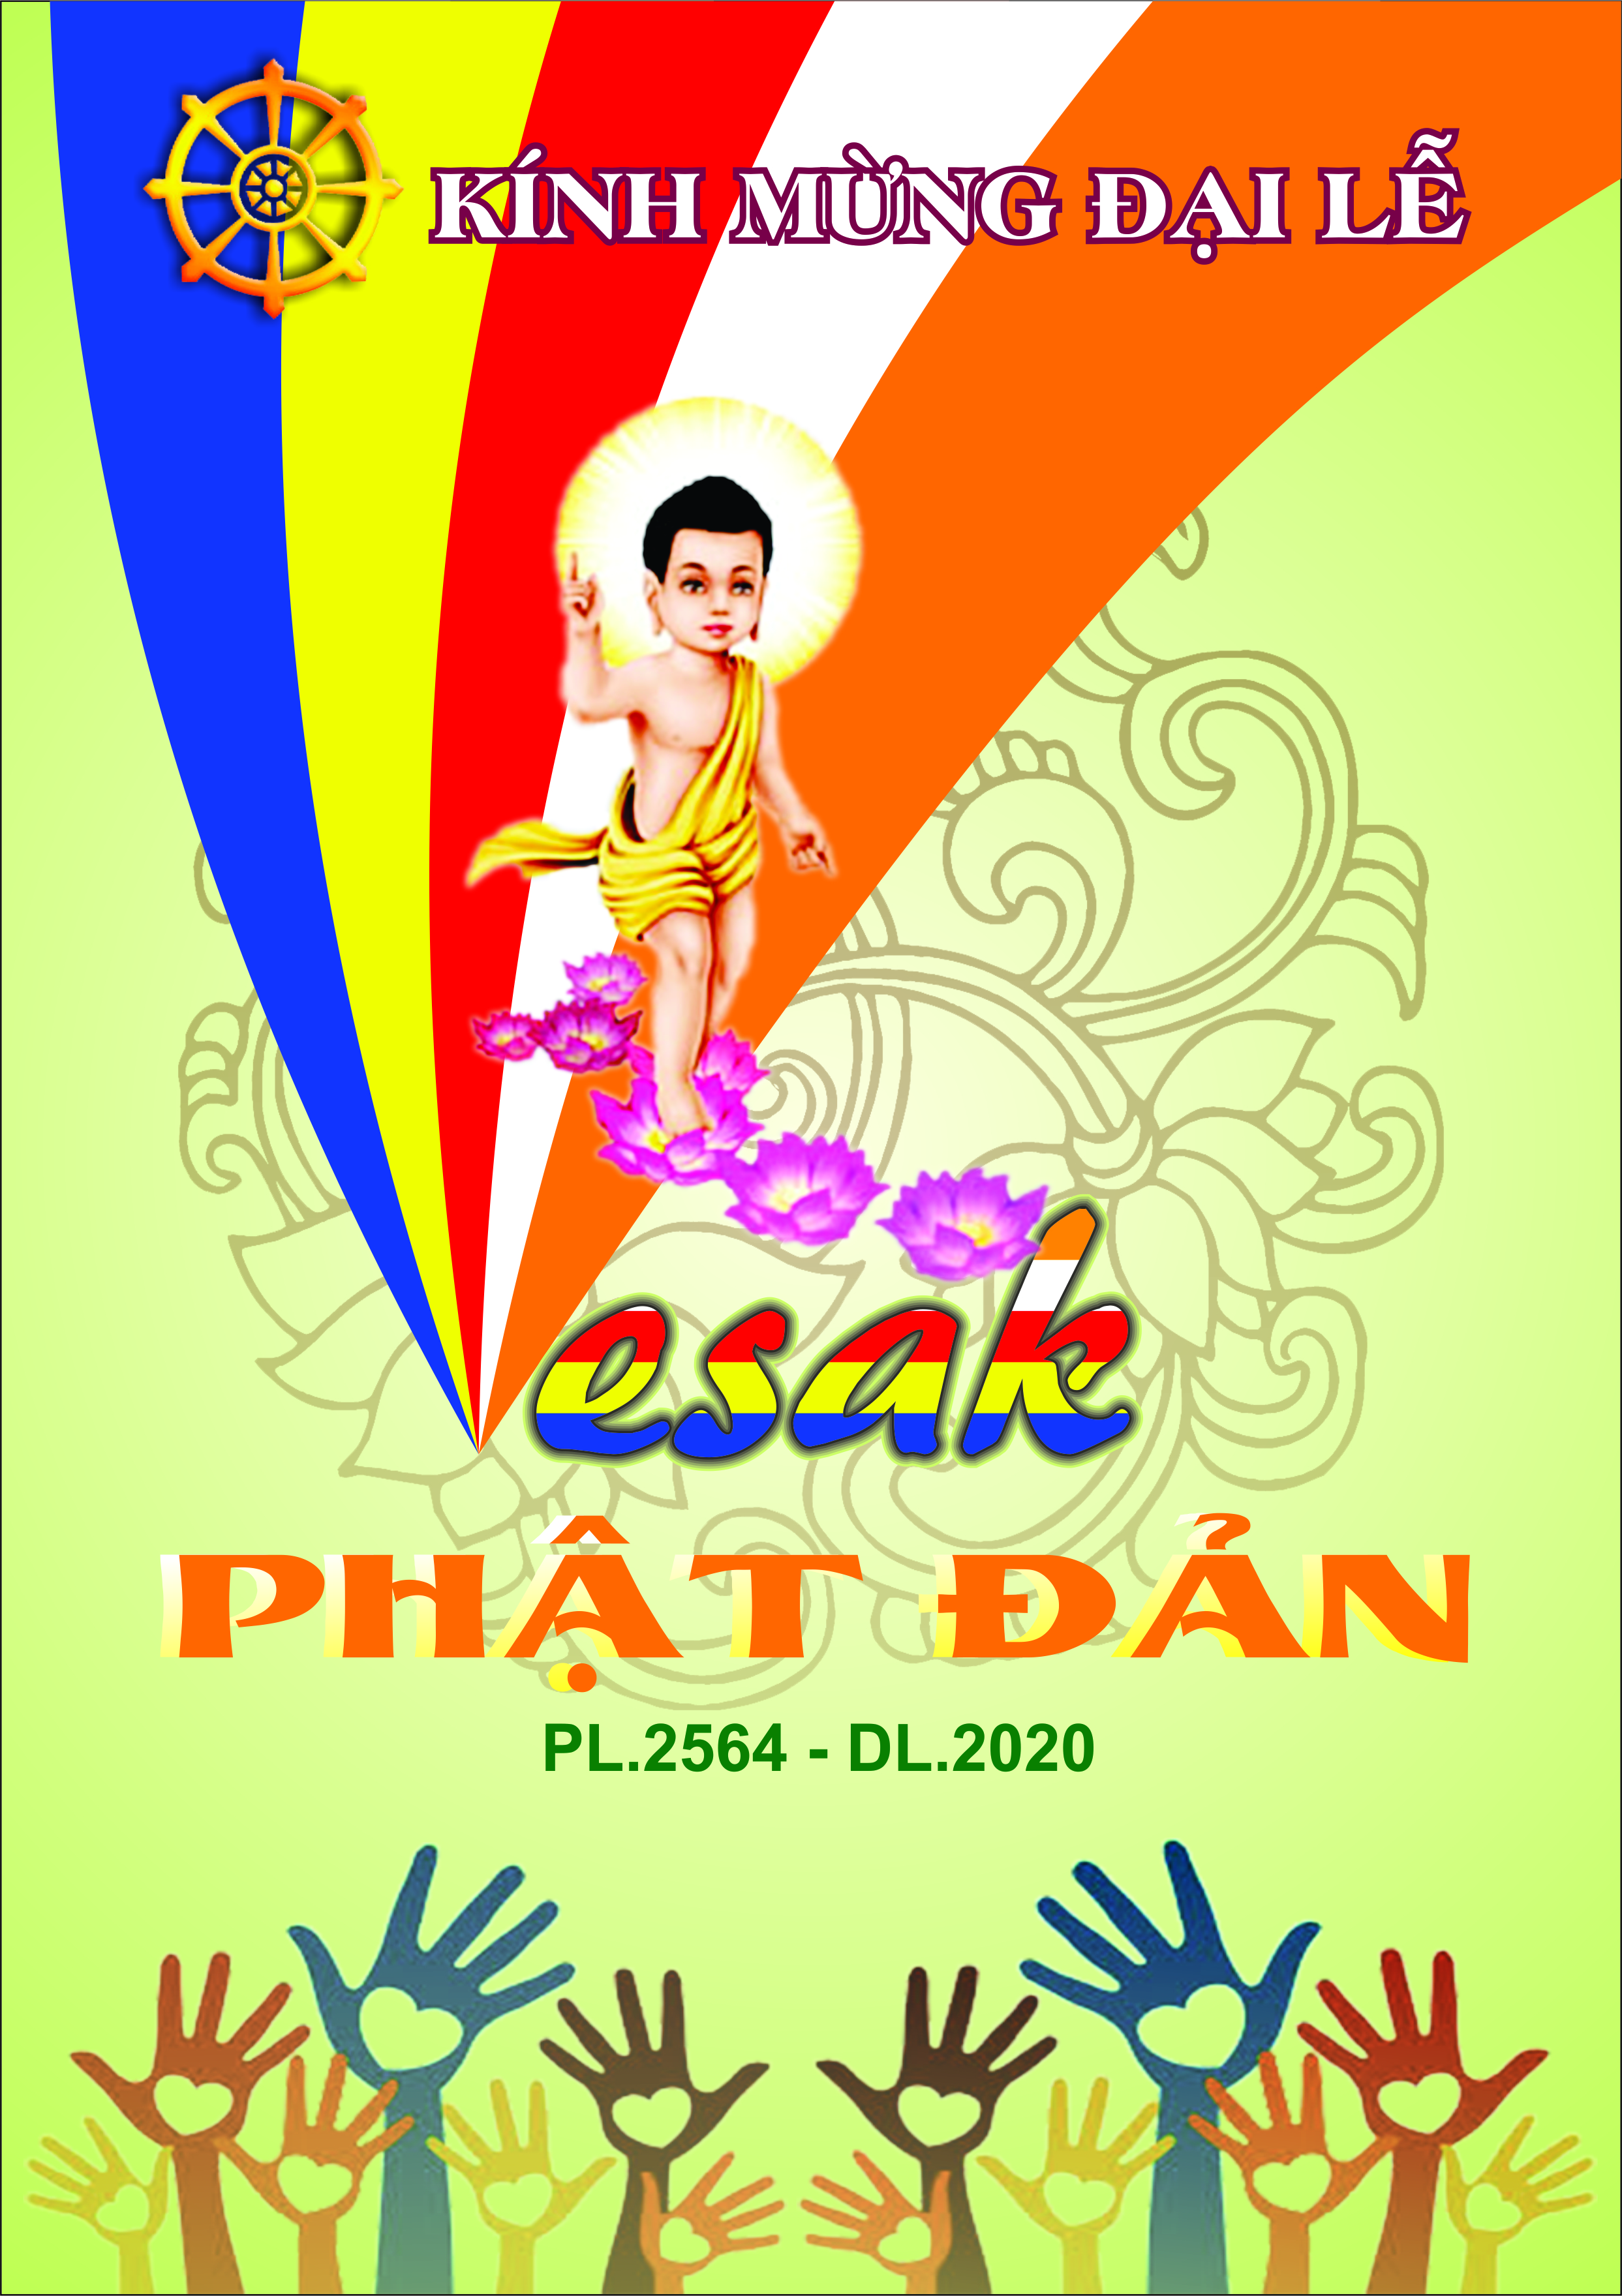 PANO phat dan.jpg (4.85 MB)